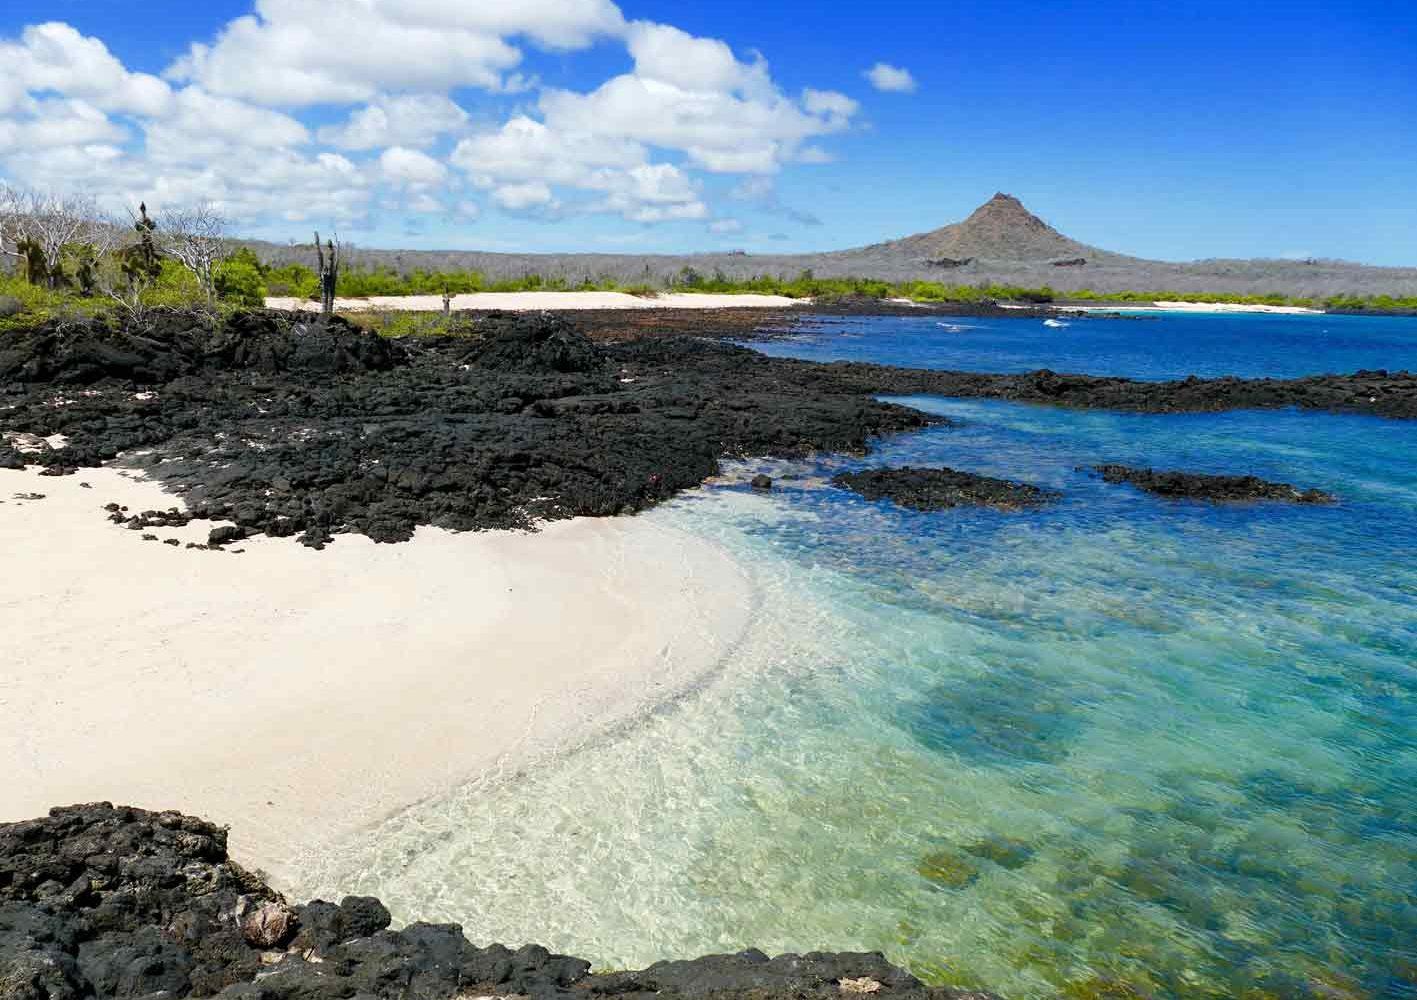 Die Landschaft von Galápagos ist geprägt von Vulkanen.